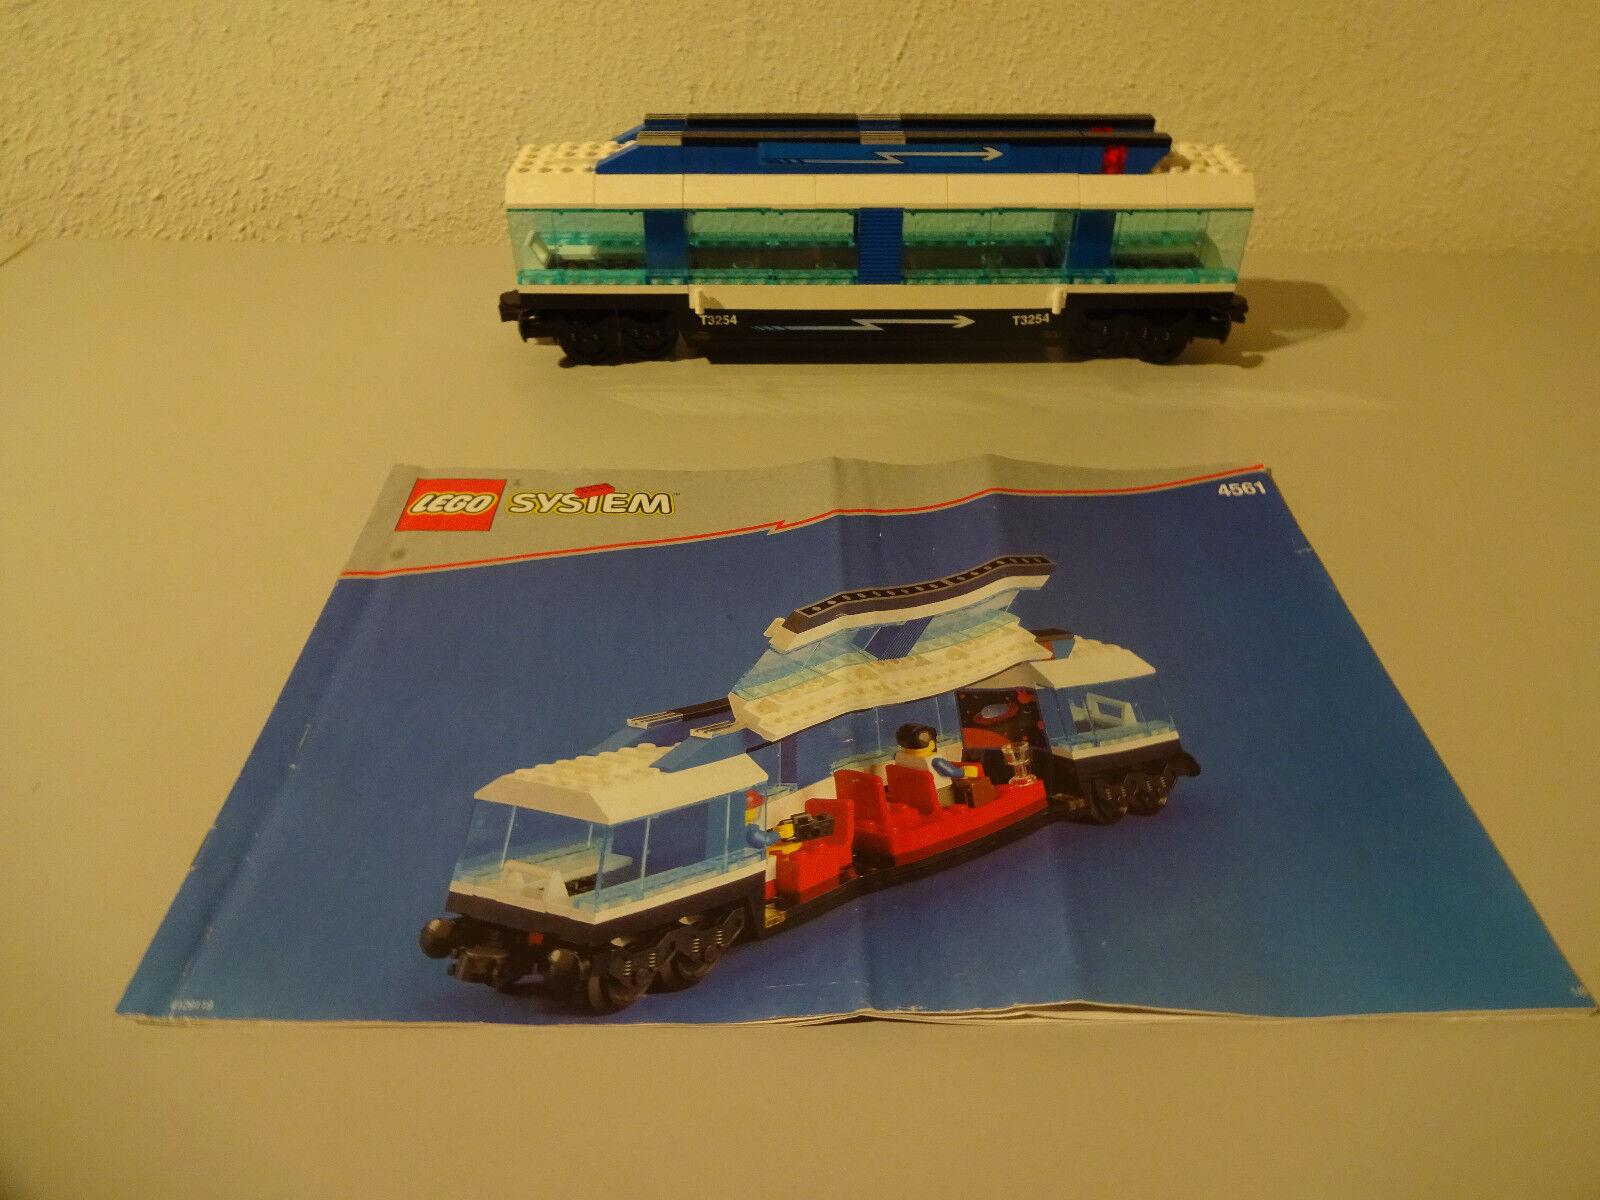 (D9) (D9) (D9) Lego System 45561 Passenger Car Railway with Ba 9 Volt Used RAR 6ba305